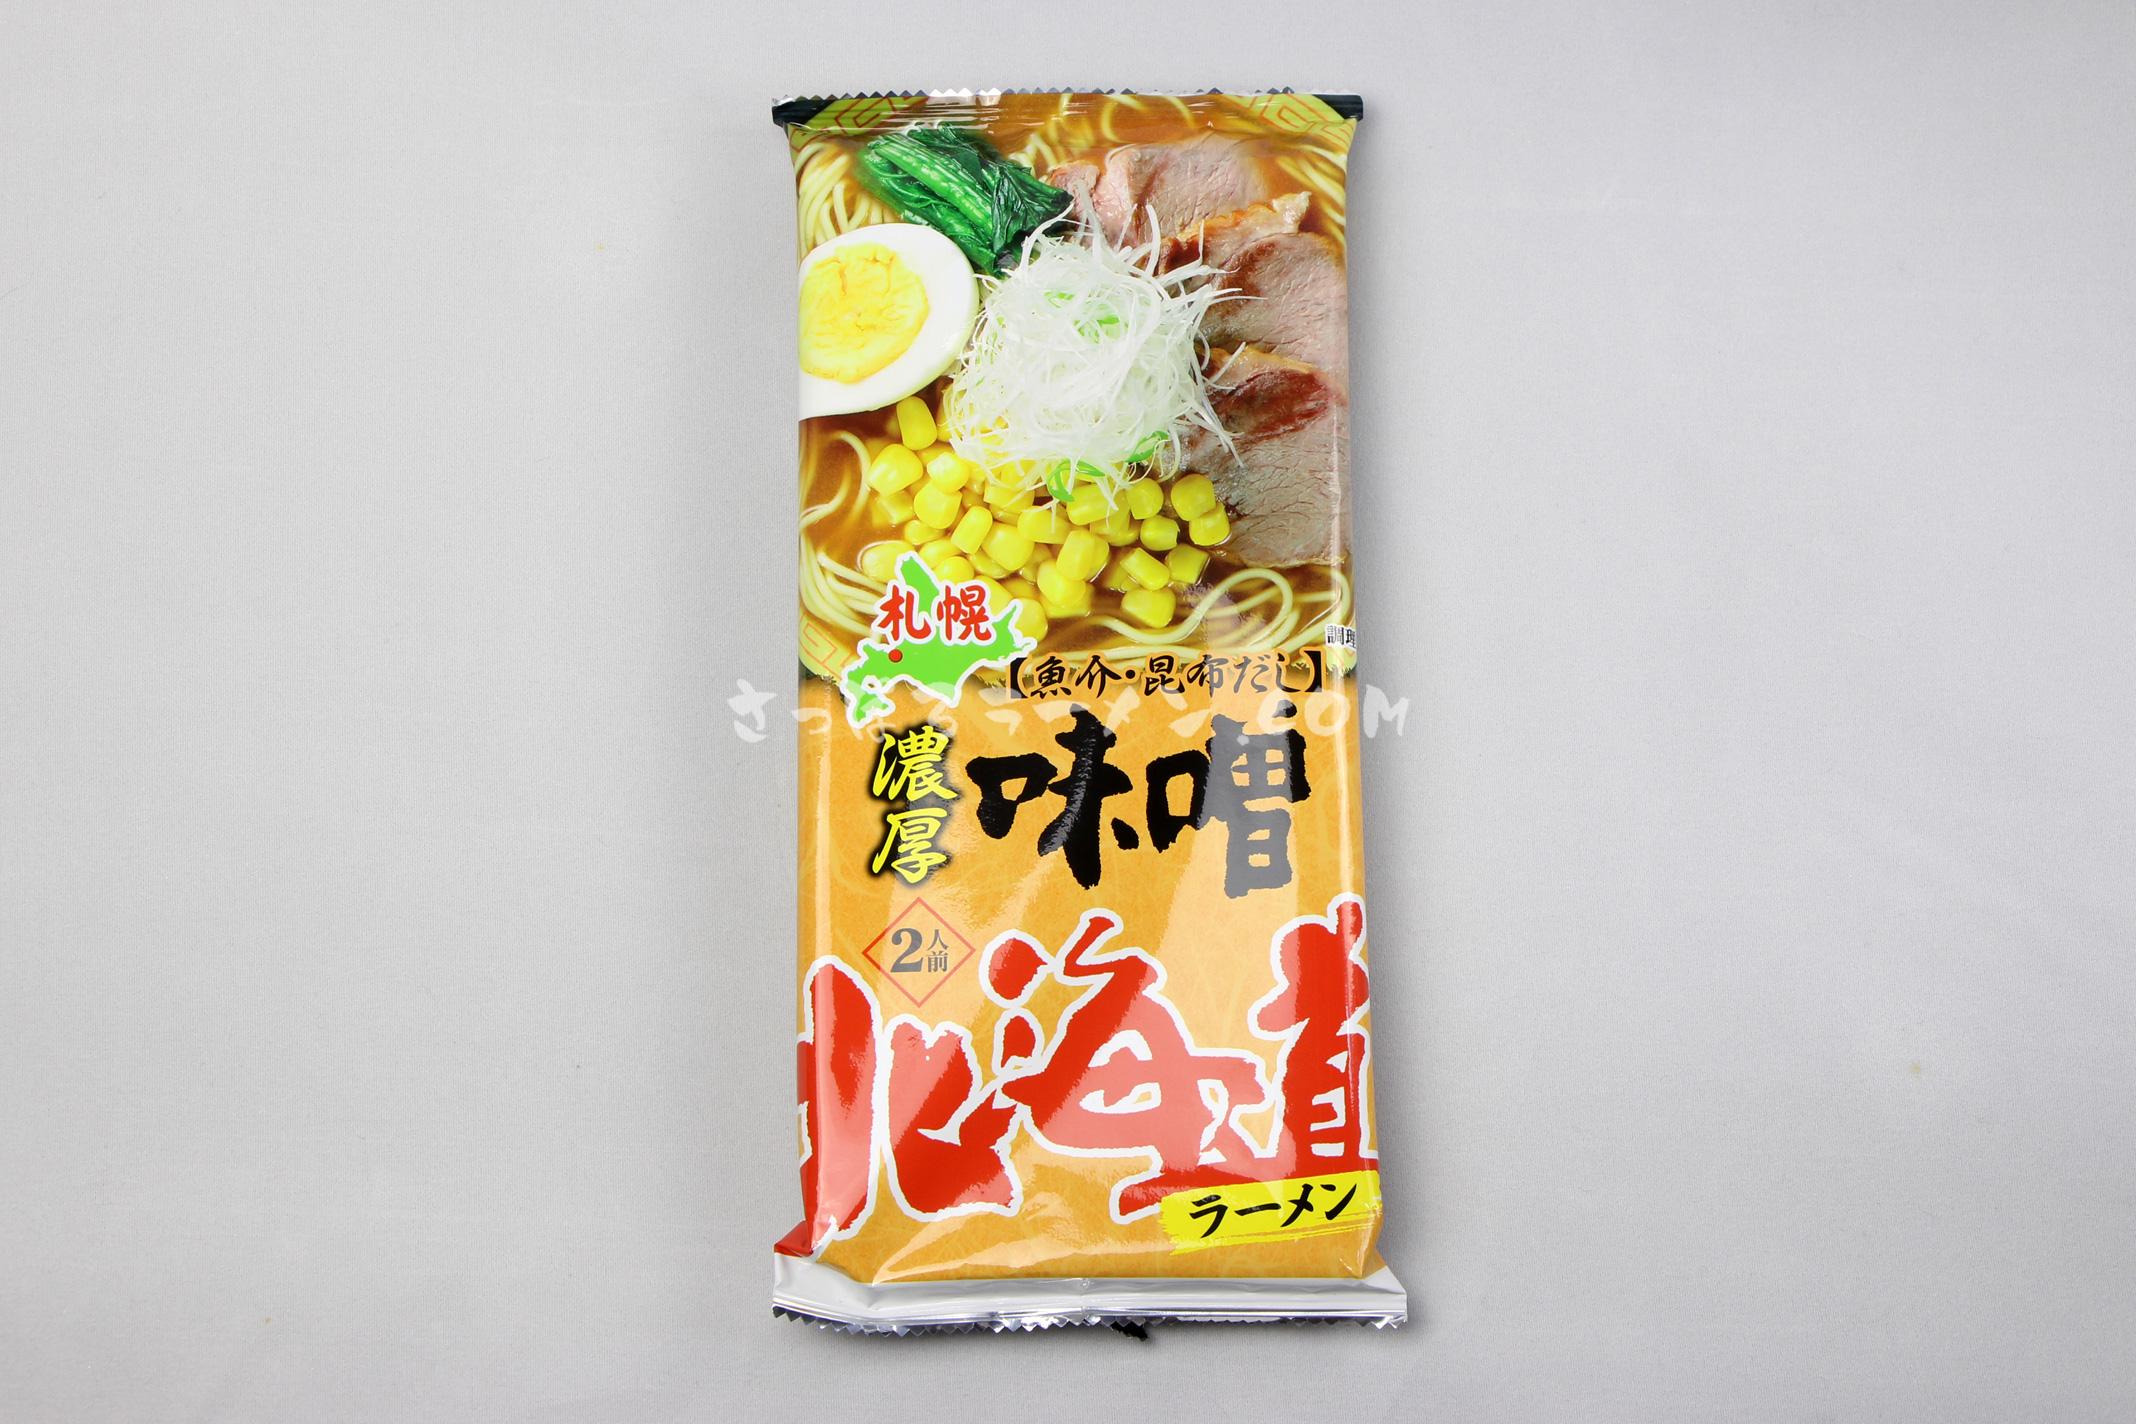 「北海道ラーメン 濃厚味噌」(ライス・ハートフーズ)のパッケージ(表)